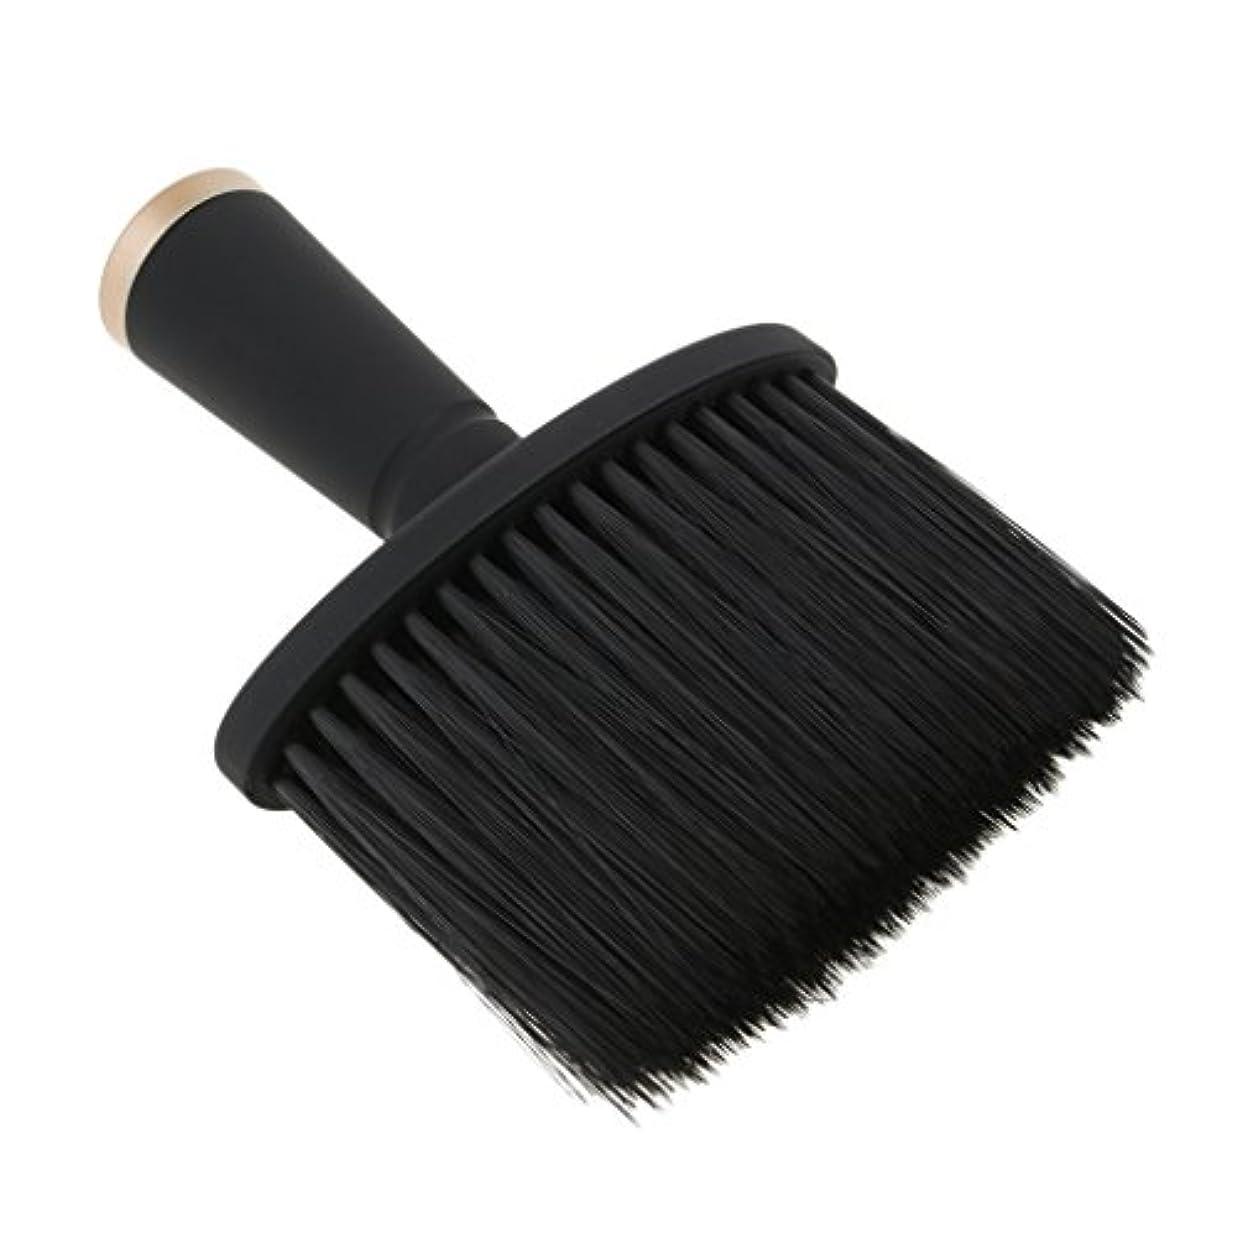 脱臼するお酢フィヨルドKesoto ネックダスターブラシ ヘアカット ヘアブラシ ソフト サロン ヘアスタイリスト 理髪 全2色 - ゴールド